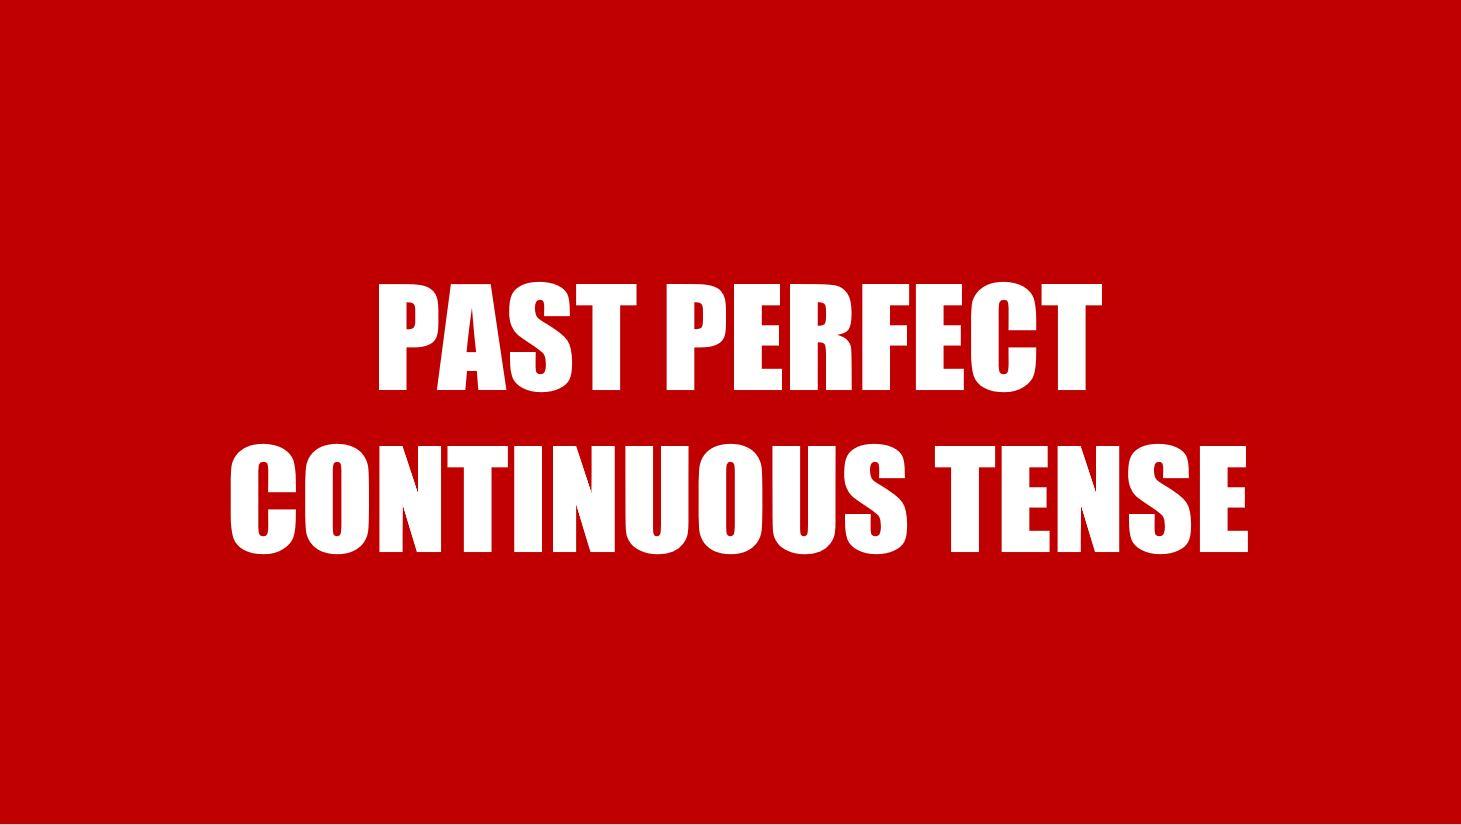 """""""Mẹo học thì Quá khứ Hoàn thành Tiếp diễn (Past Perfect Continuous)"""" đã bị khóa Mẹo học thì Quá khứ Hoàn thành Tiếp diễn (Past Perfect Continuous)"""